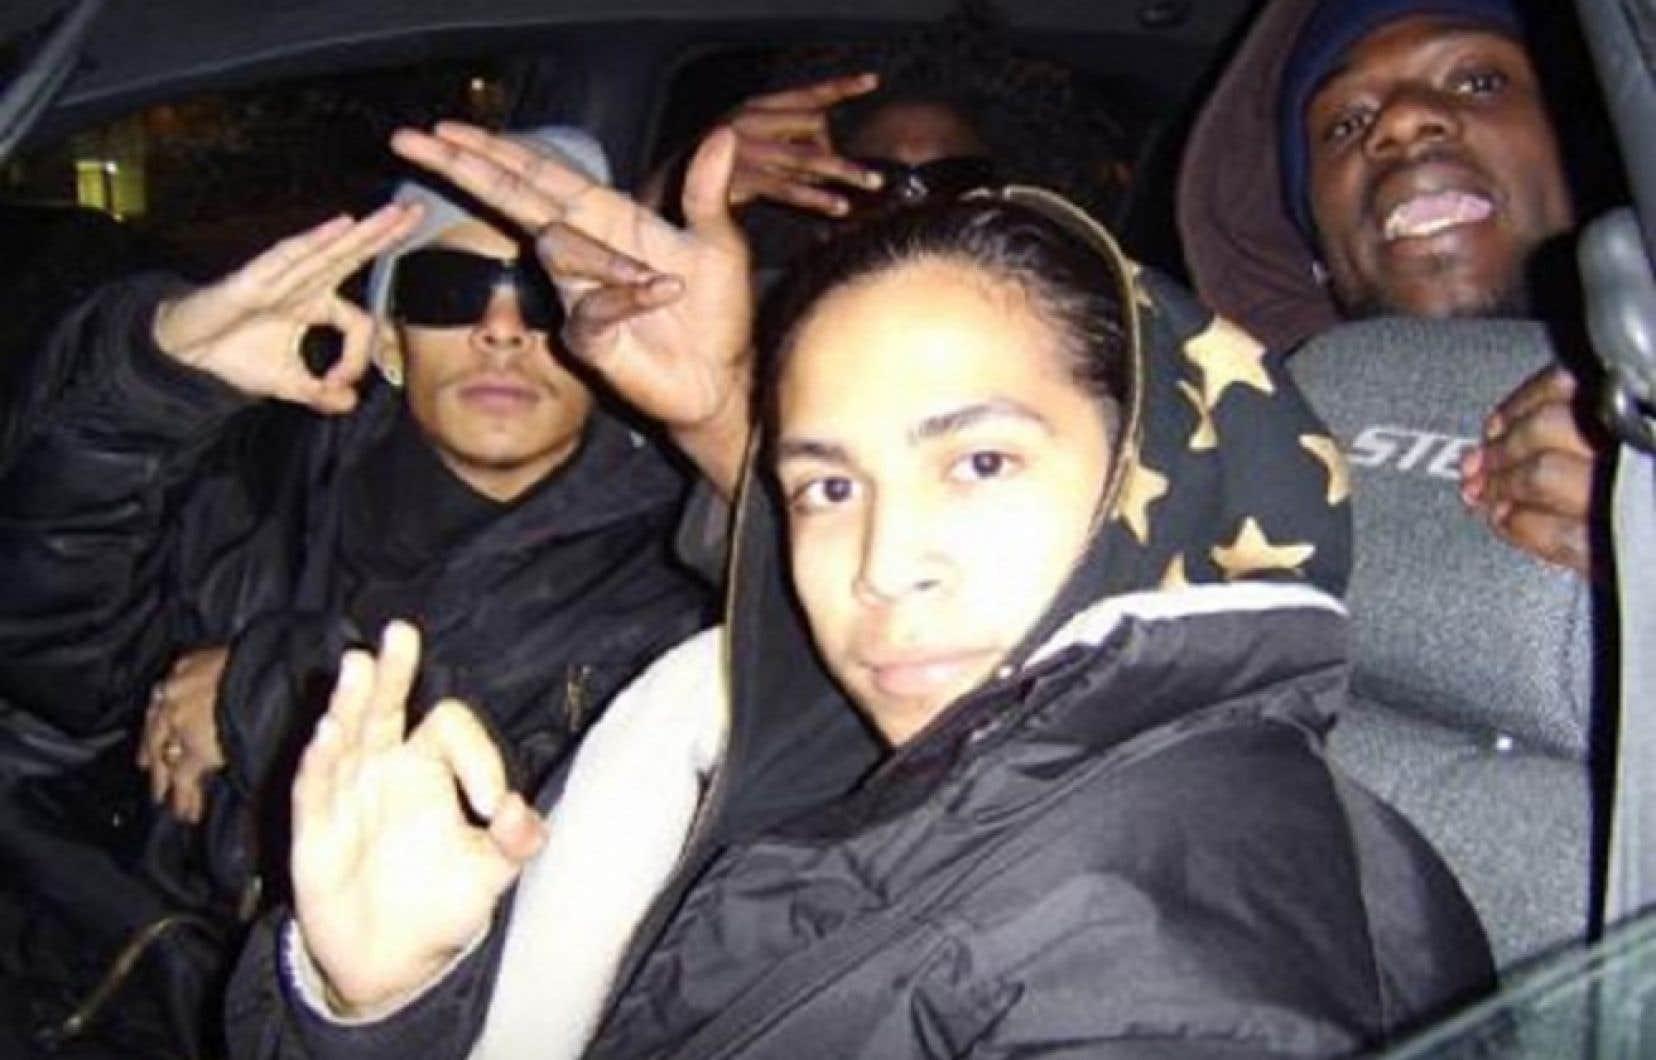 Fredy Villanueva, au centre, avec son frère Danny à gauche et un ami